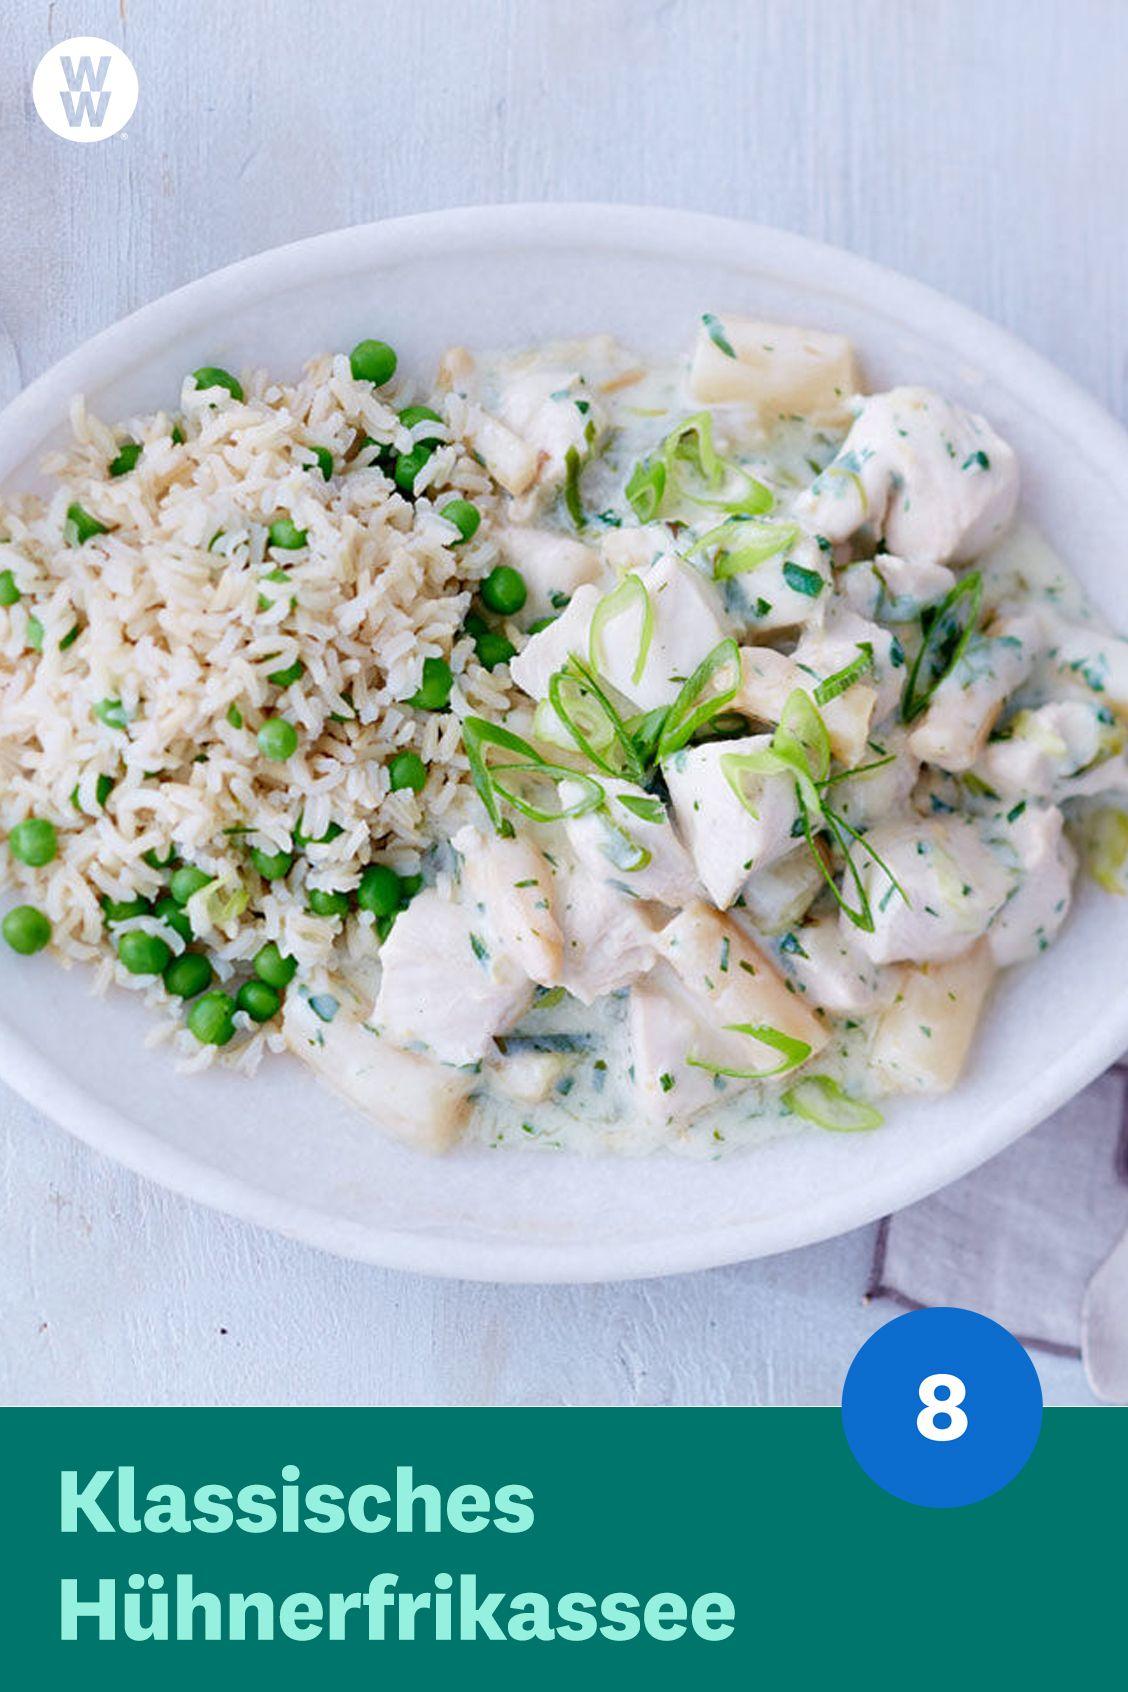 Der Klassiker aus Oma's Küche: Hühnerfrikassee (8 SmartPoints). Das leckere Gericht weckt garantiert Kinderheitserinnerungen. WW Deutschland (ehemals Weight Watchers) | WW Rezept | Weight Watchers Rezept